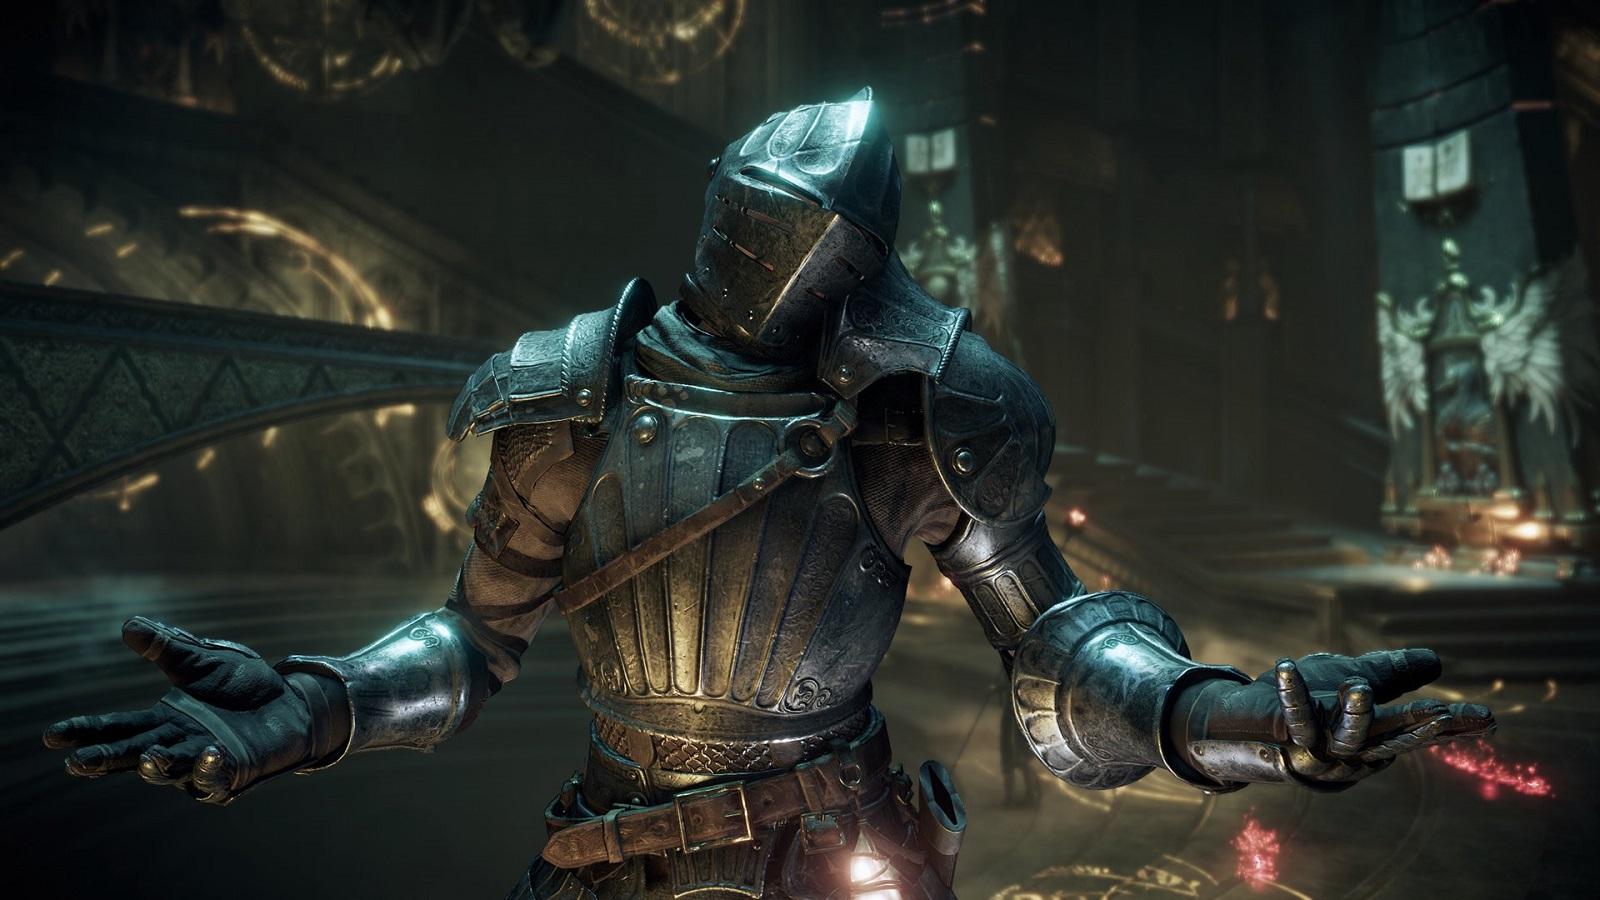 Видео: игрок добрался до области за запертой дверью в ремейке Demon's Souls, но разработчики это предусмотрели